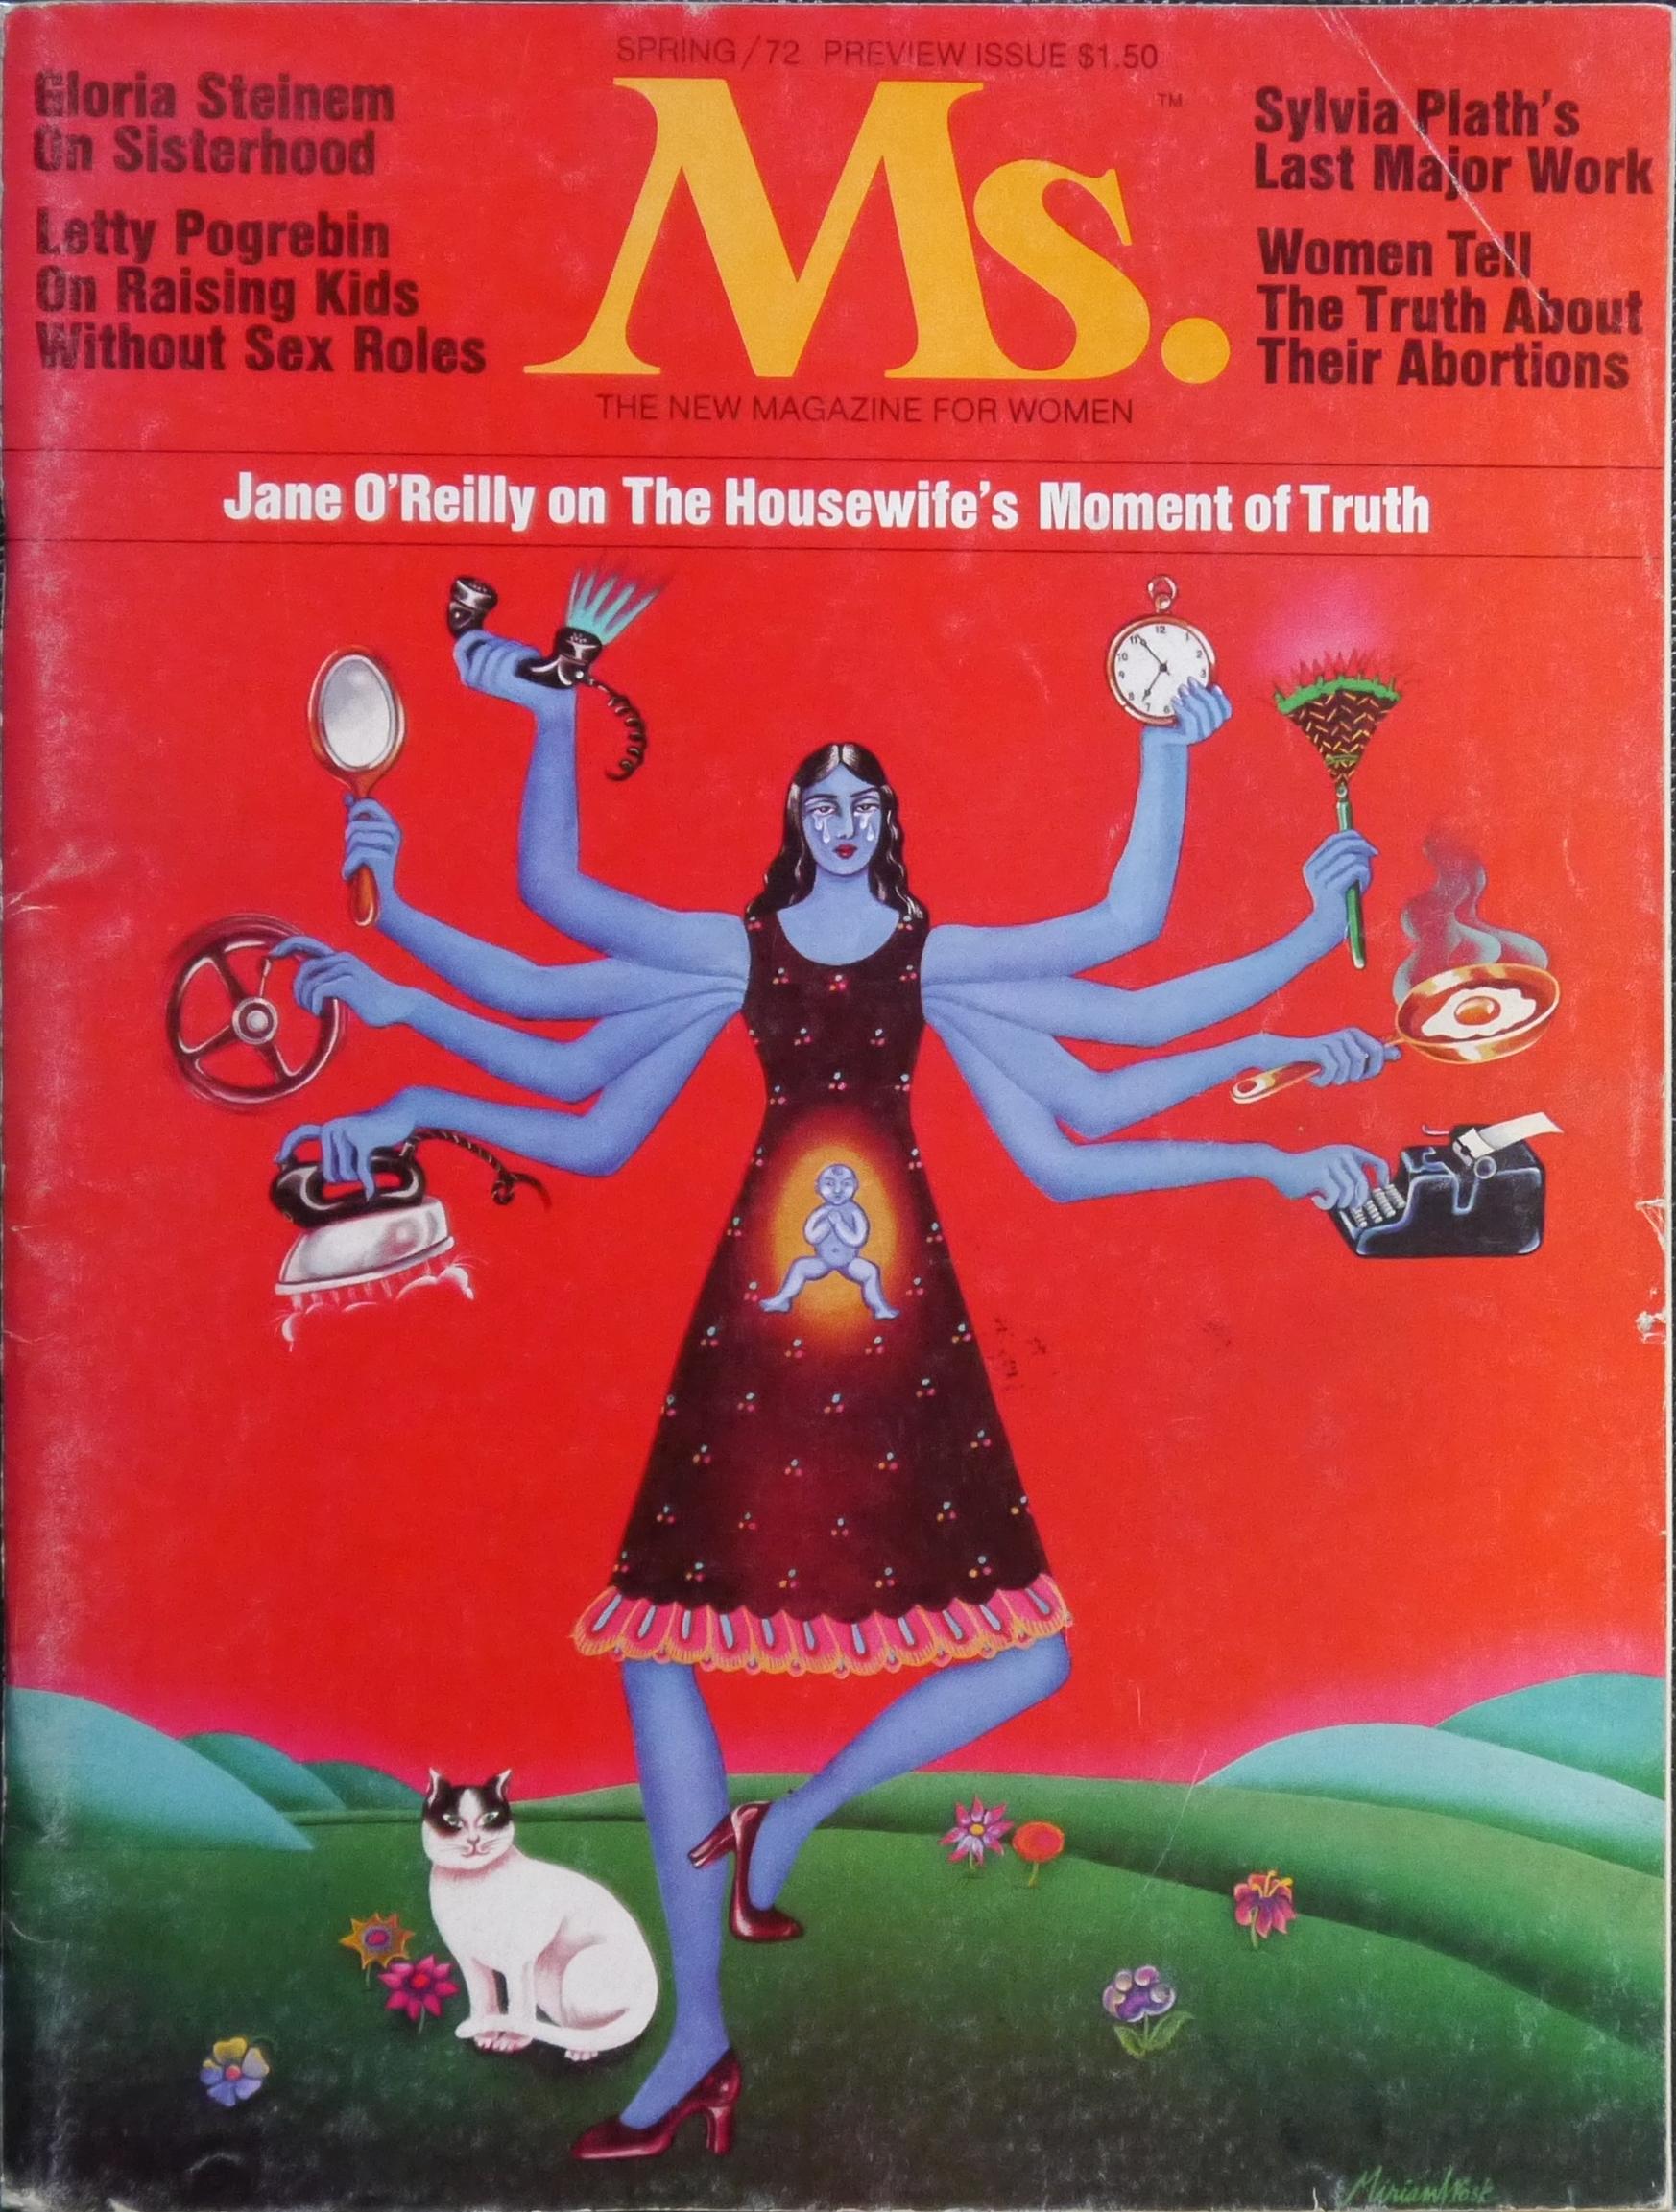 Ms. Magazine, portada primavera 1972